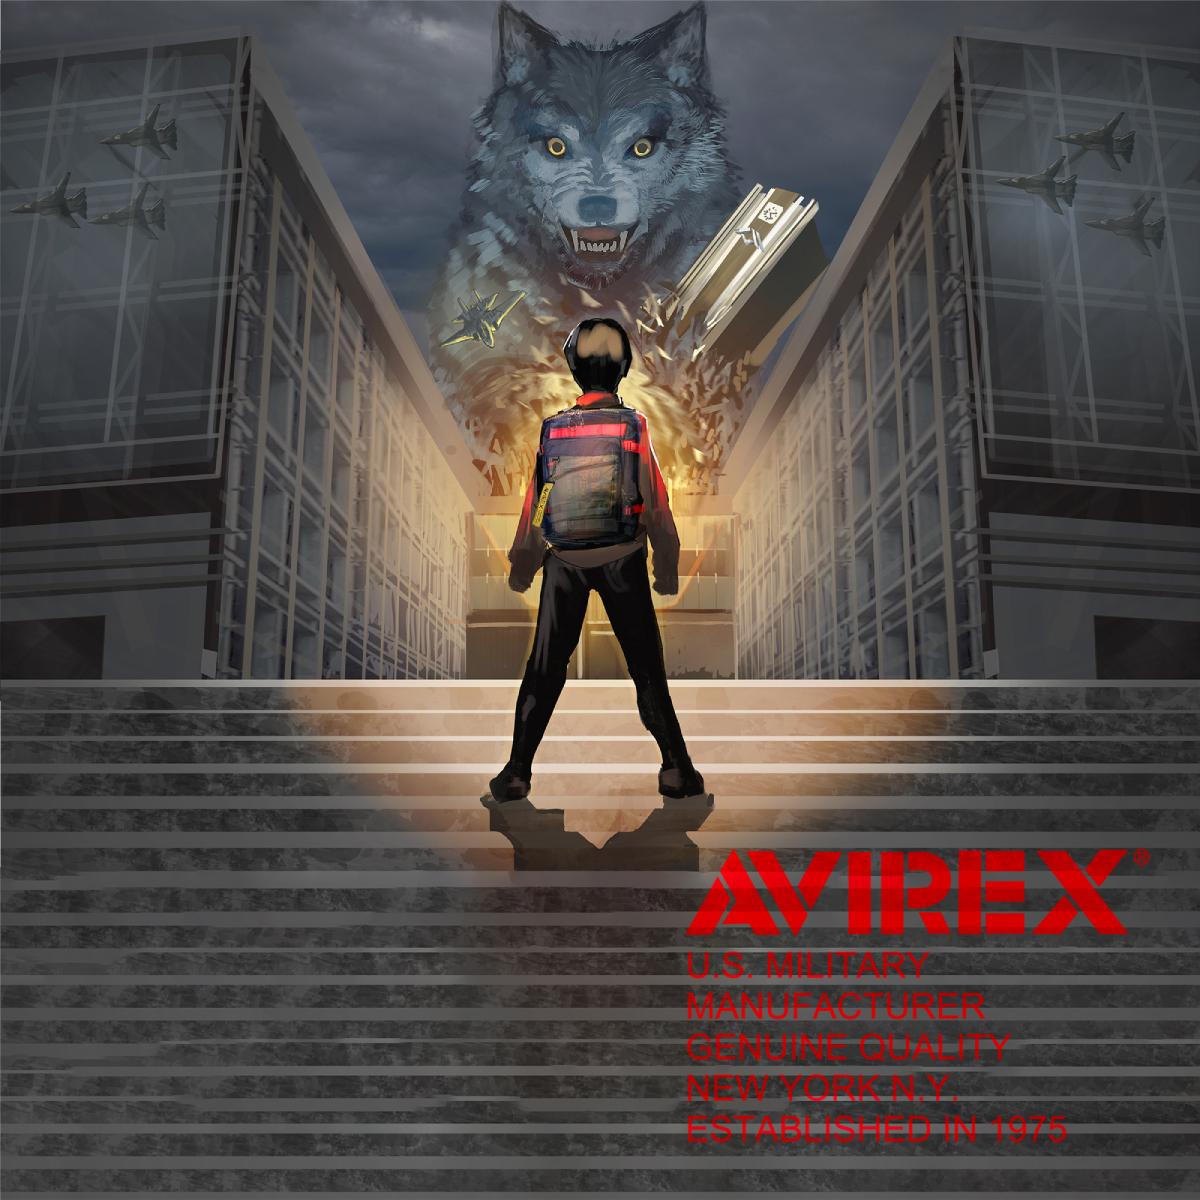 アヴィレックス商品AVX598のイメージイラストトップ